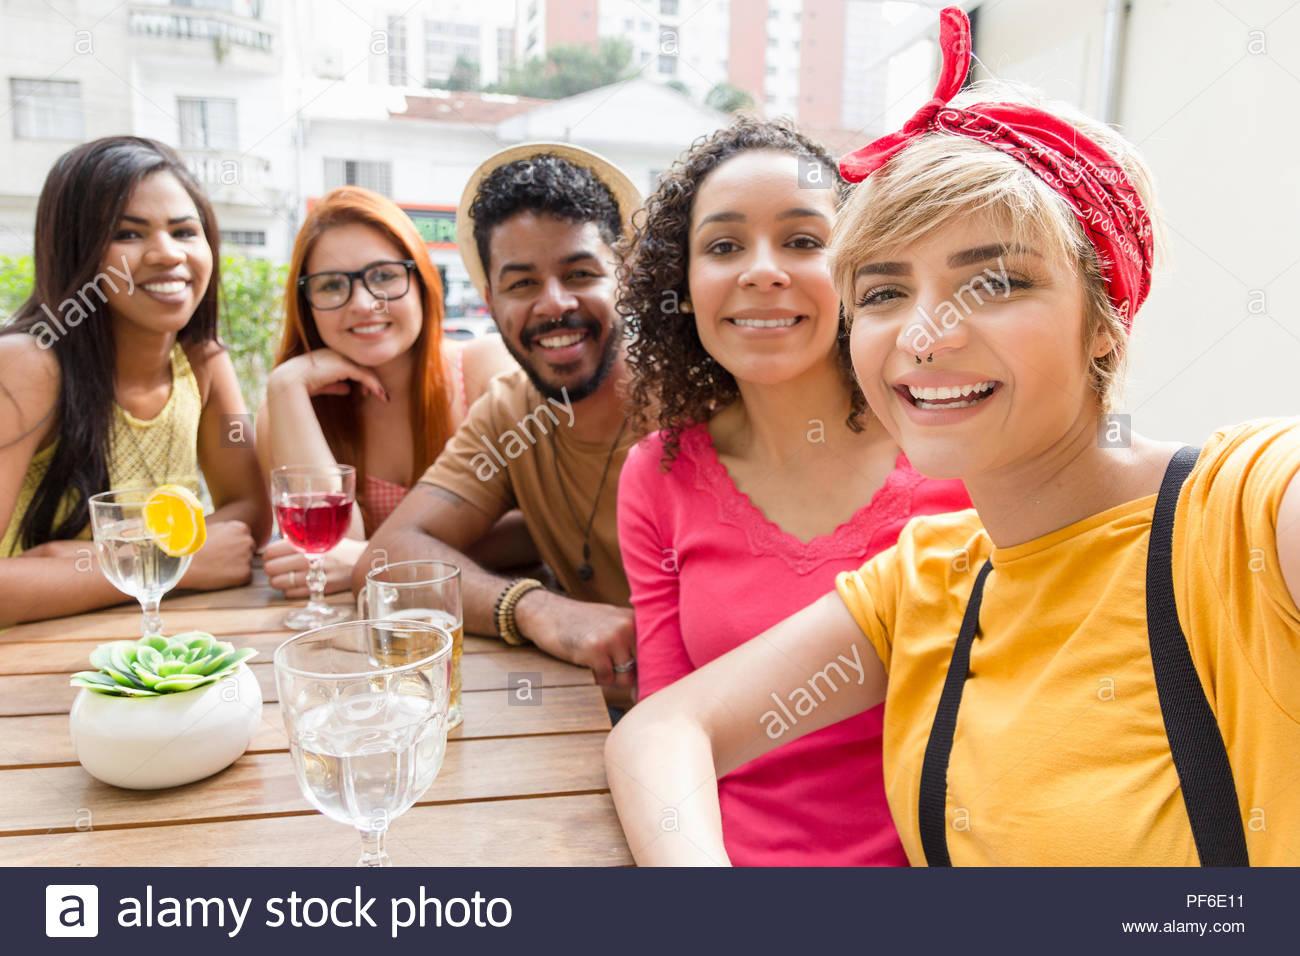 Selfie portrait. Freunde glücklich lächelnd und Sitzen im Cafe Bar im Freien. Mixed Race Gruppe Geselligkeit in einer Party im Restaurant außerhalb. Sommer, warme, f Stockbild